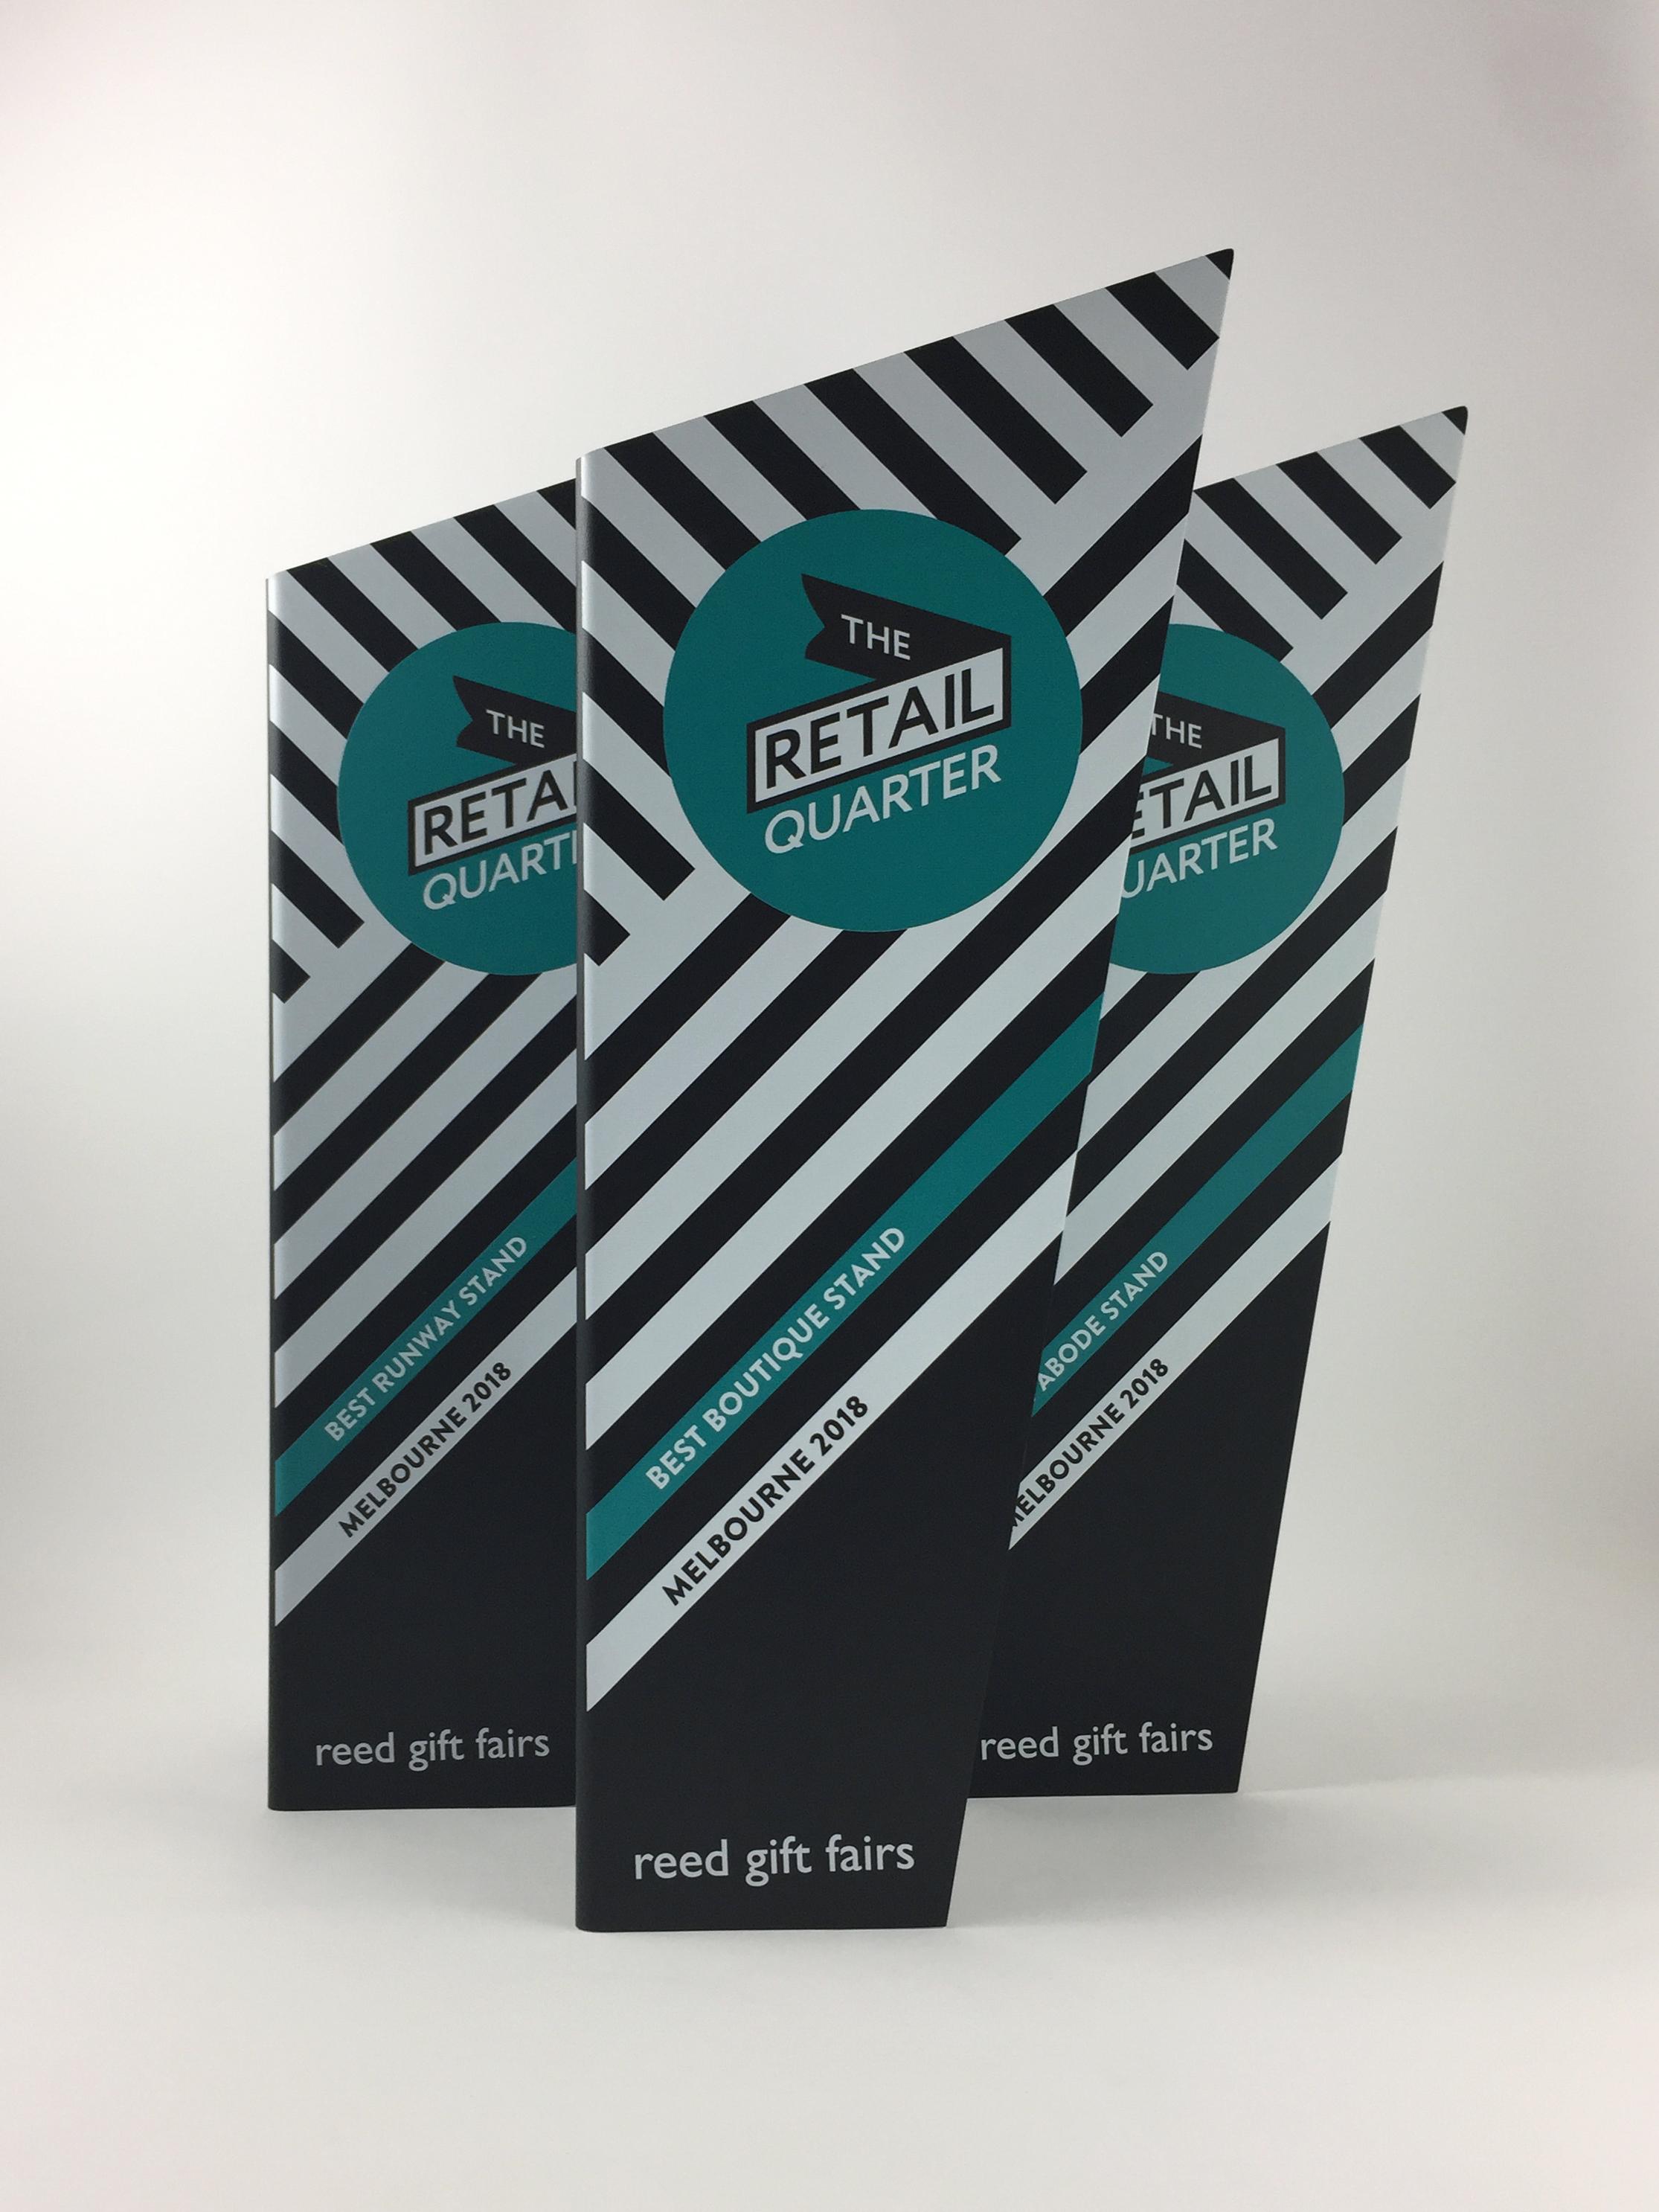 reed-gift-fairs-aluminium-trophy-award-02.jpg